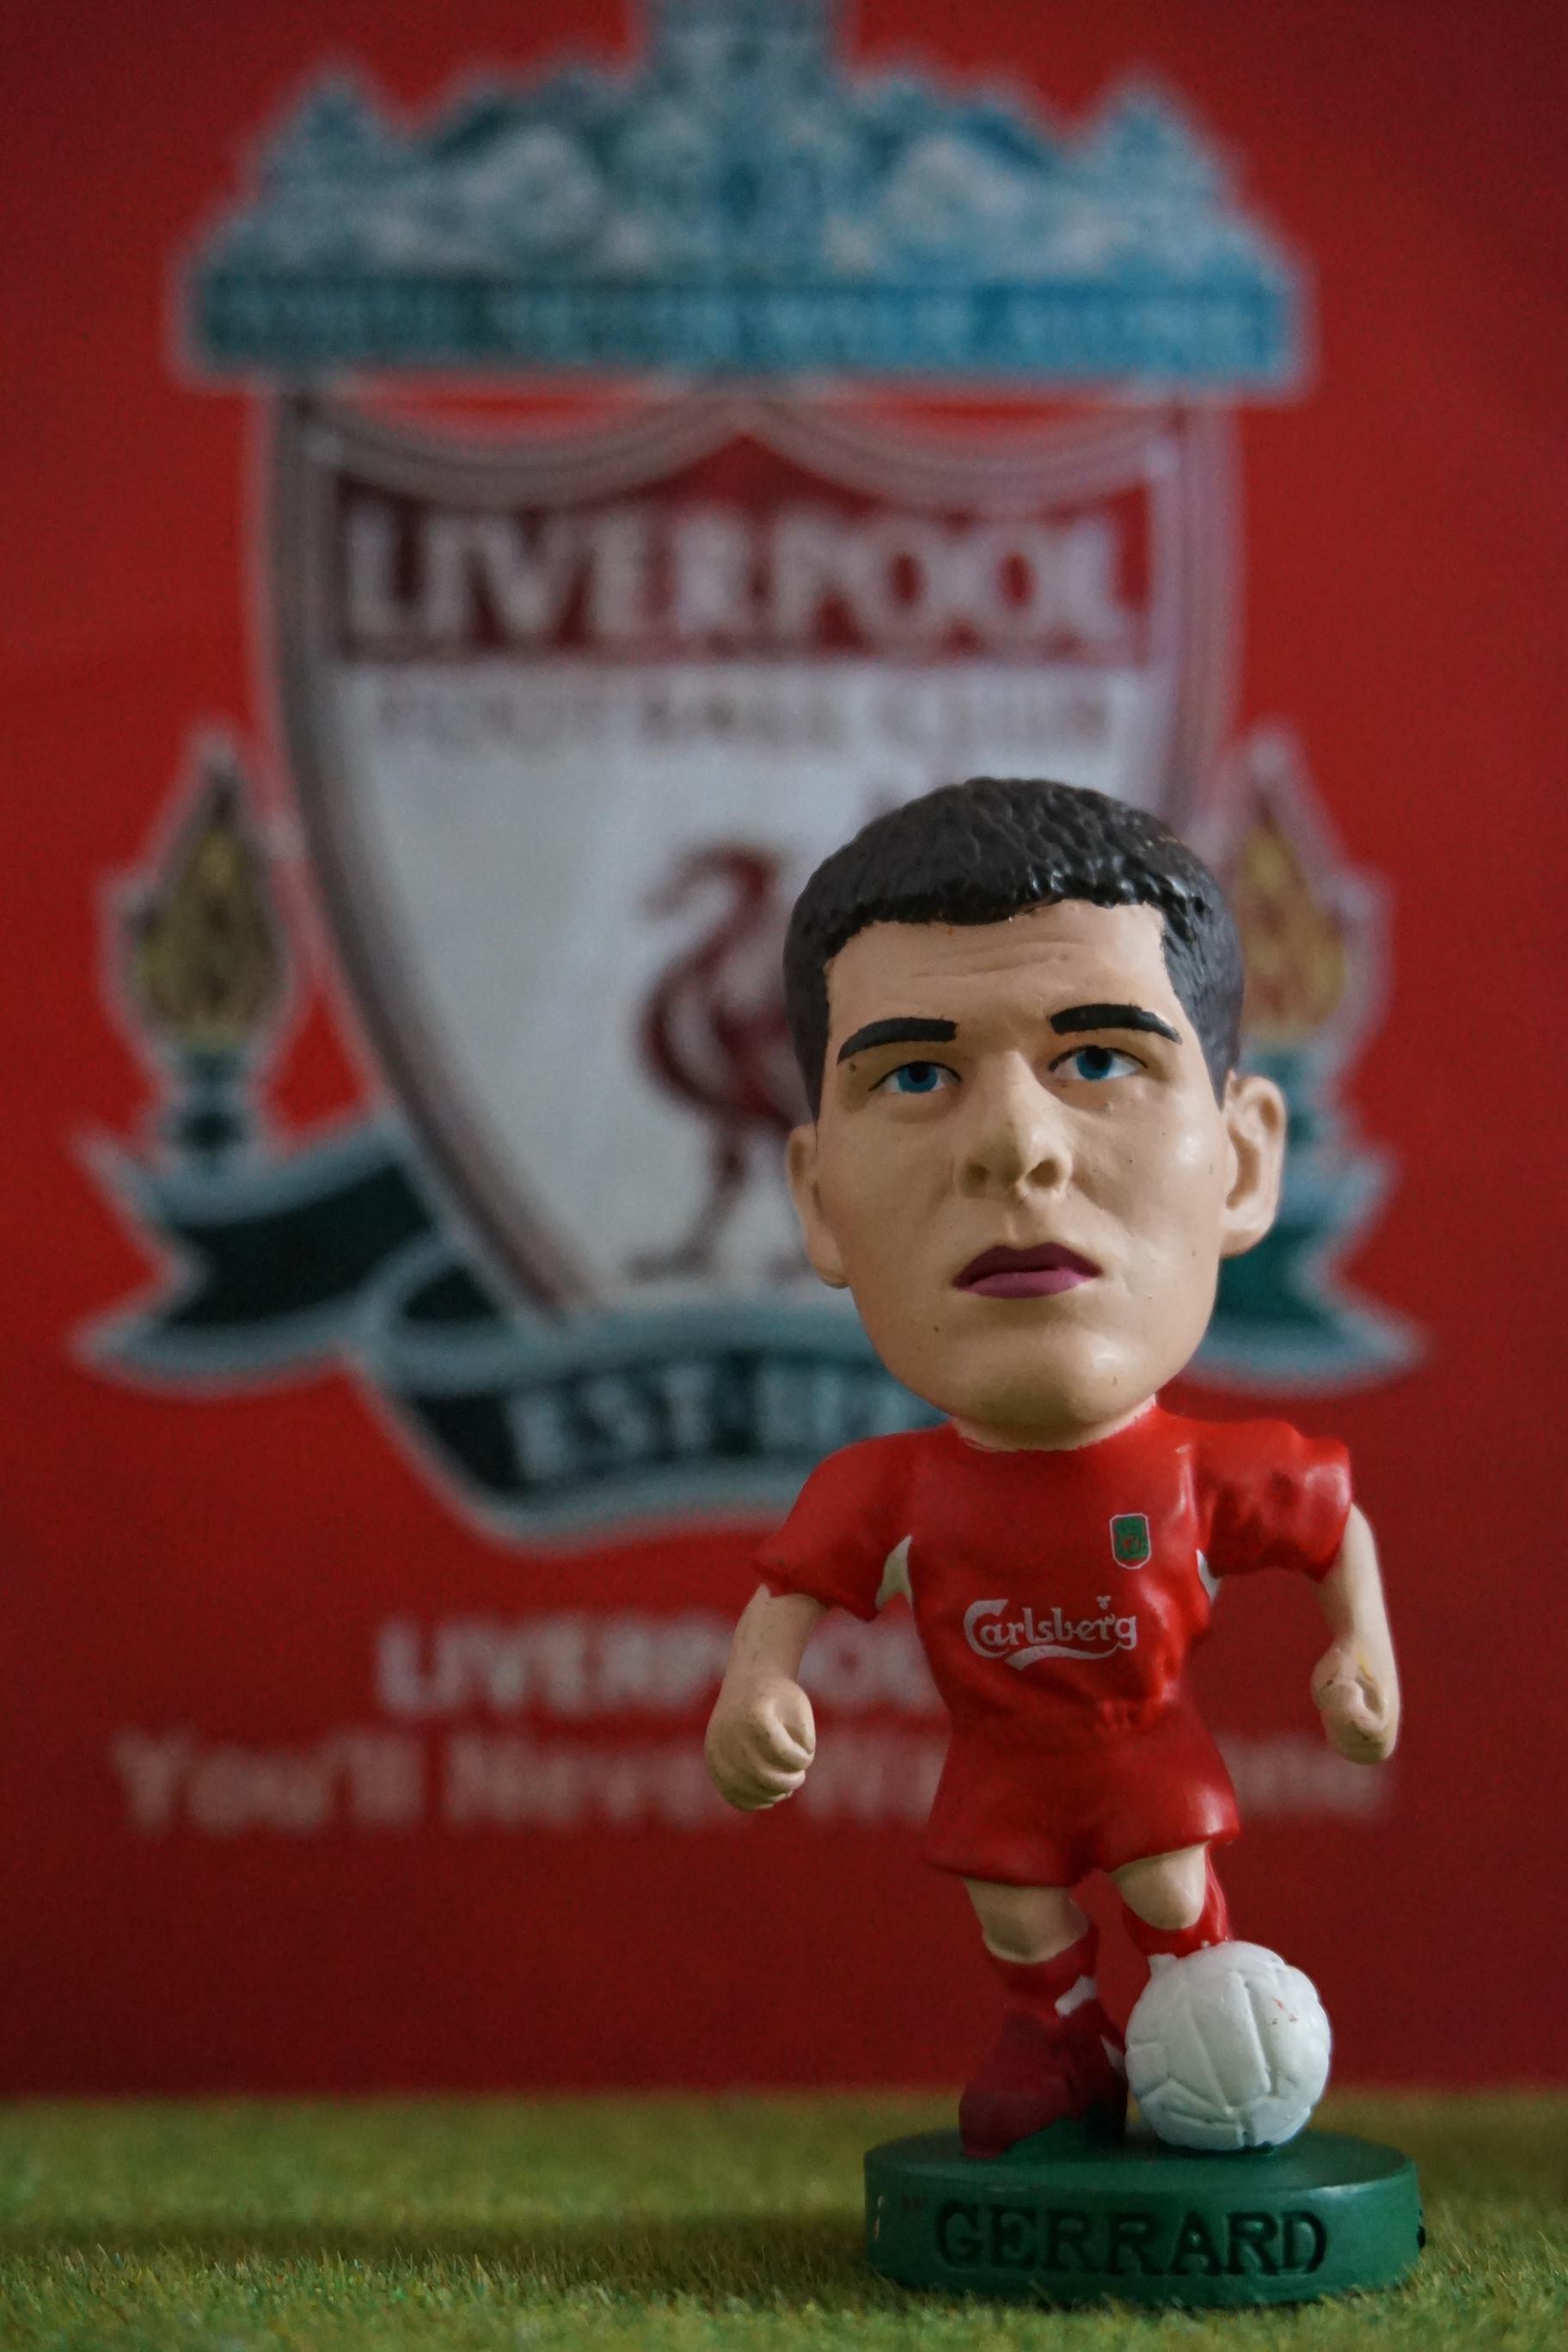 PR008 Steven Gerrard